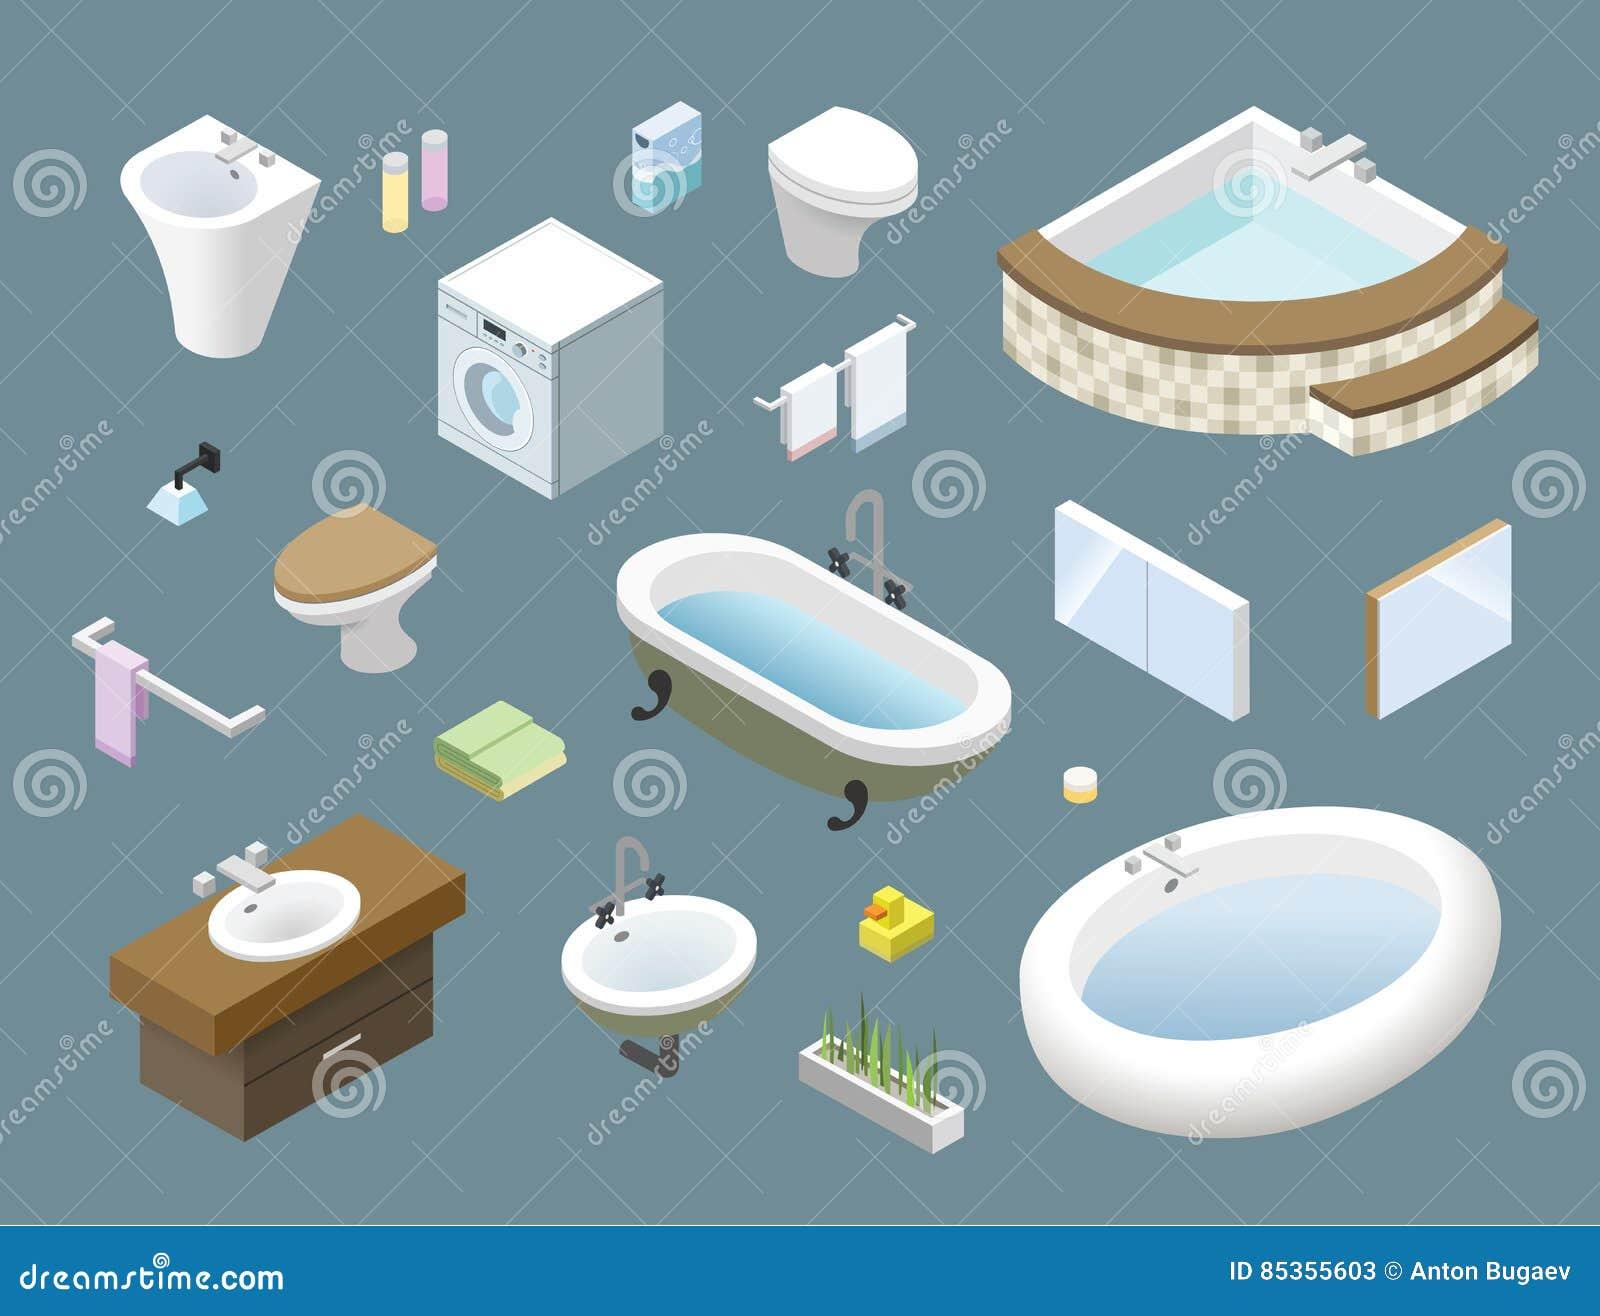 Vector Isometrischen Satz Badezimmermobel Ikonen Der